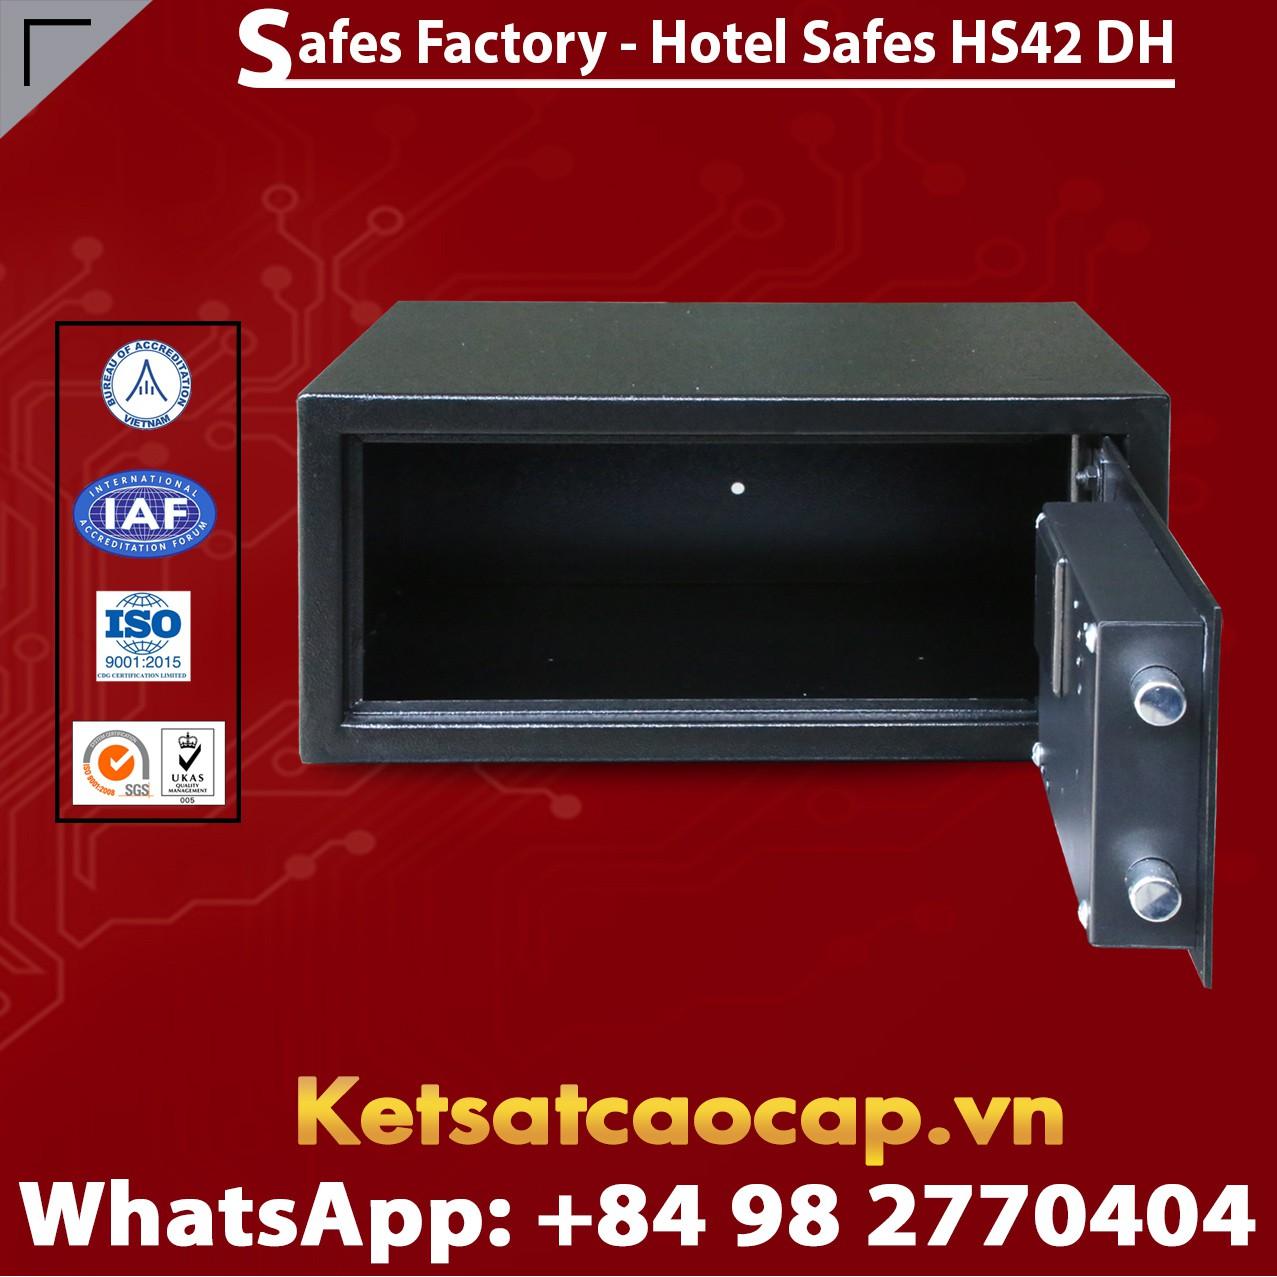 Két Sắt Khách Sạn Hotel Safes WELKO HS42 DH